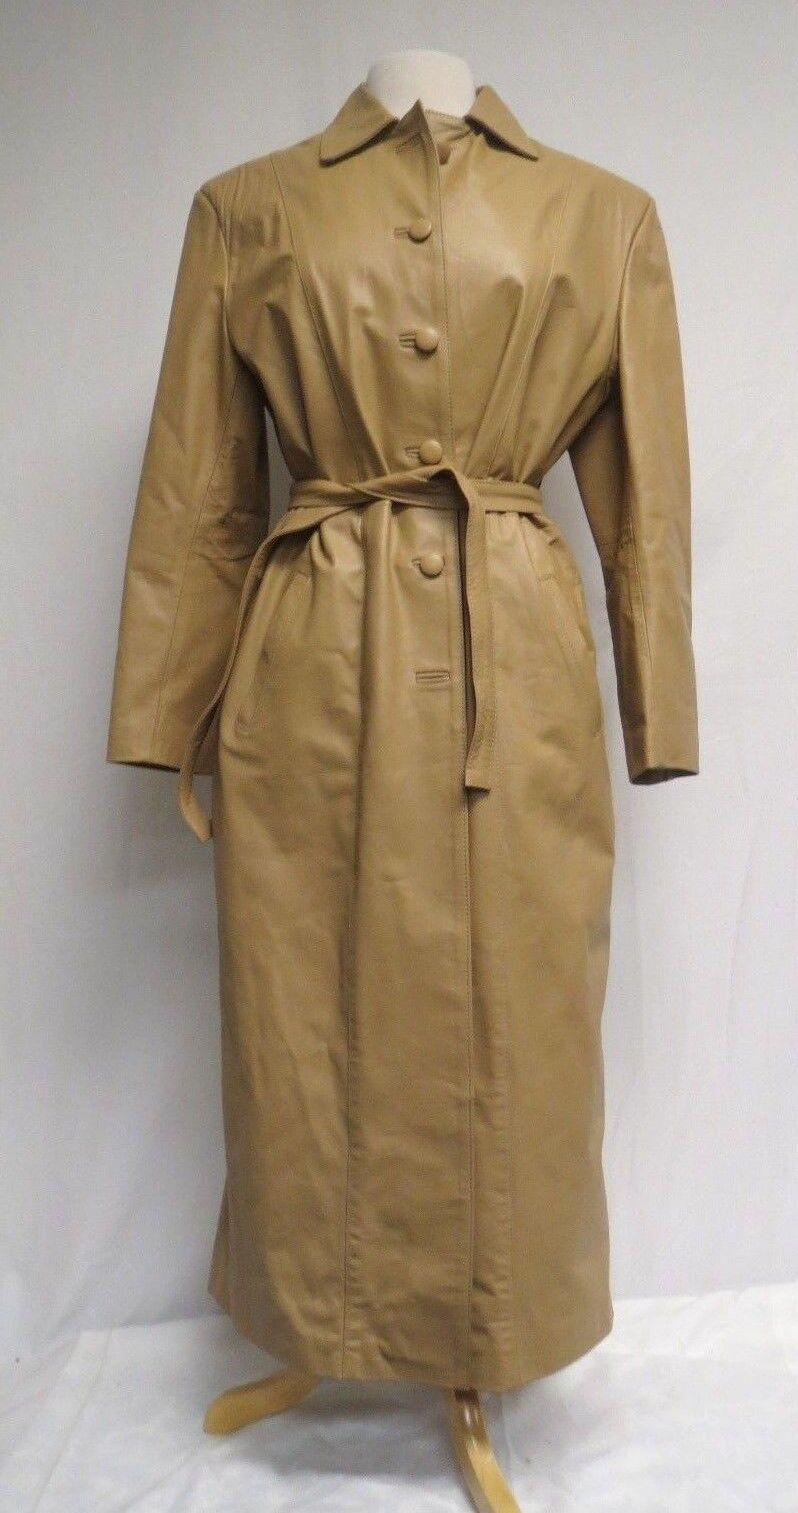 Ronny Woman's Leder Coat Cueros Leders Größe Large Buenos Aires